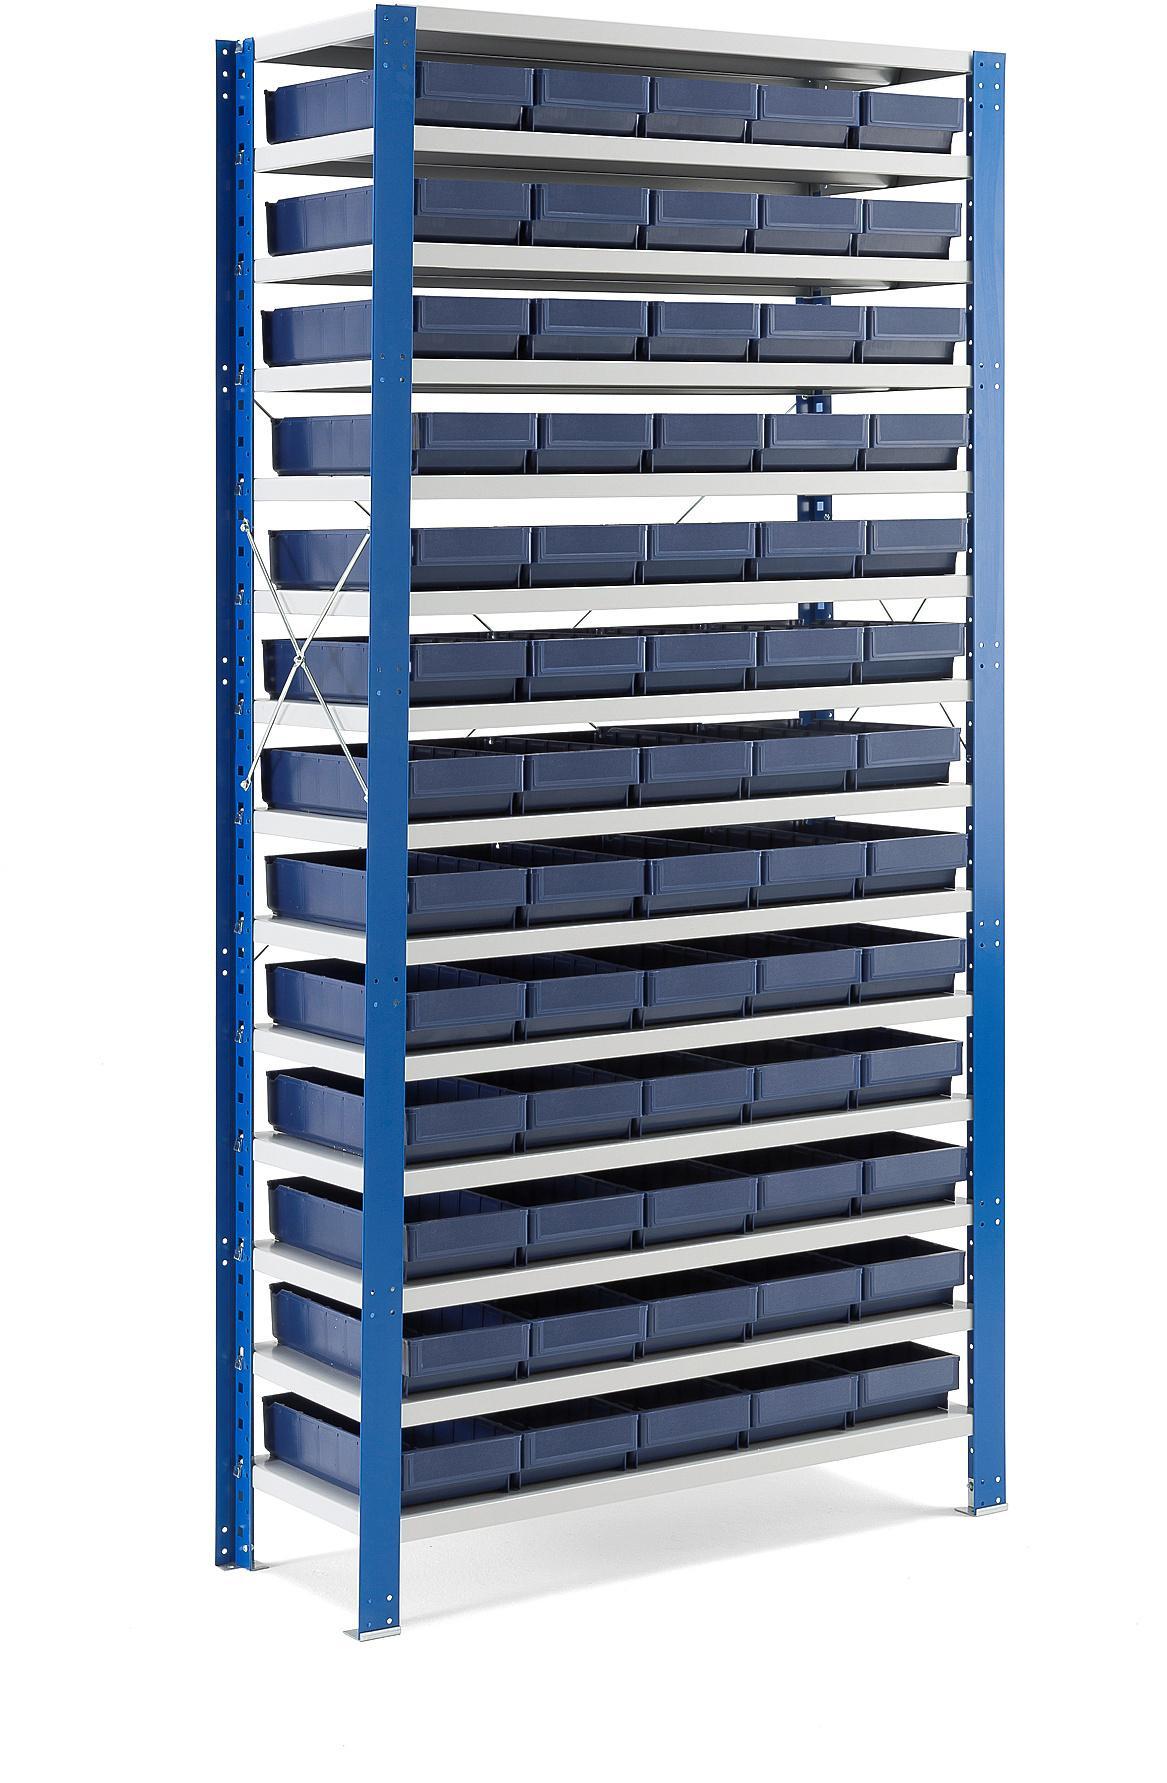 Regál na plastové boxy, 65 boxov, 2100x1000x300 mm, modré boxy